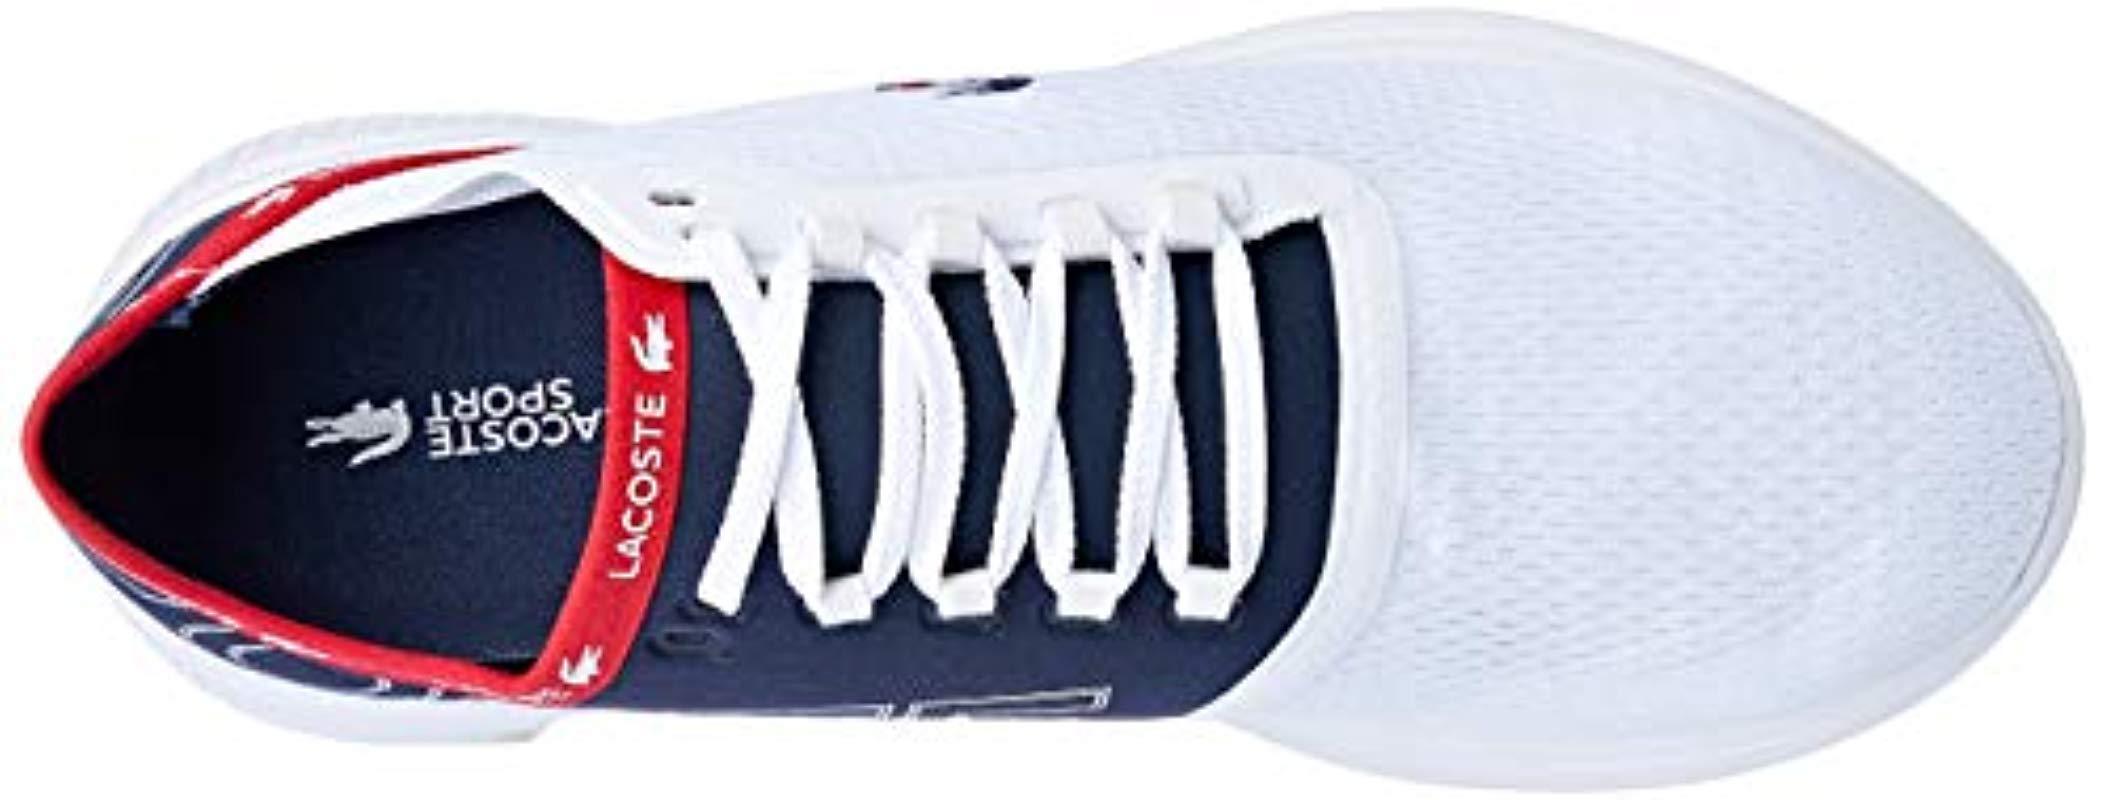 e8b9c72a1e896 Lacoste Lt Fit Sneaker in White for Men - Lyst